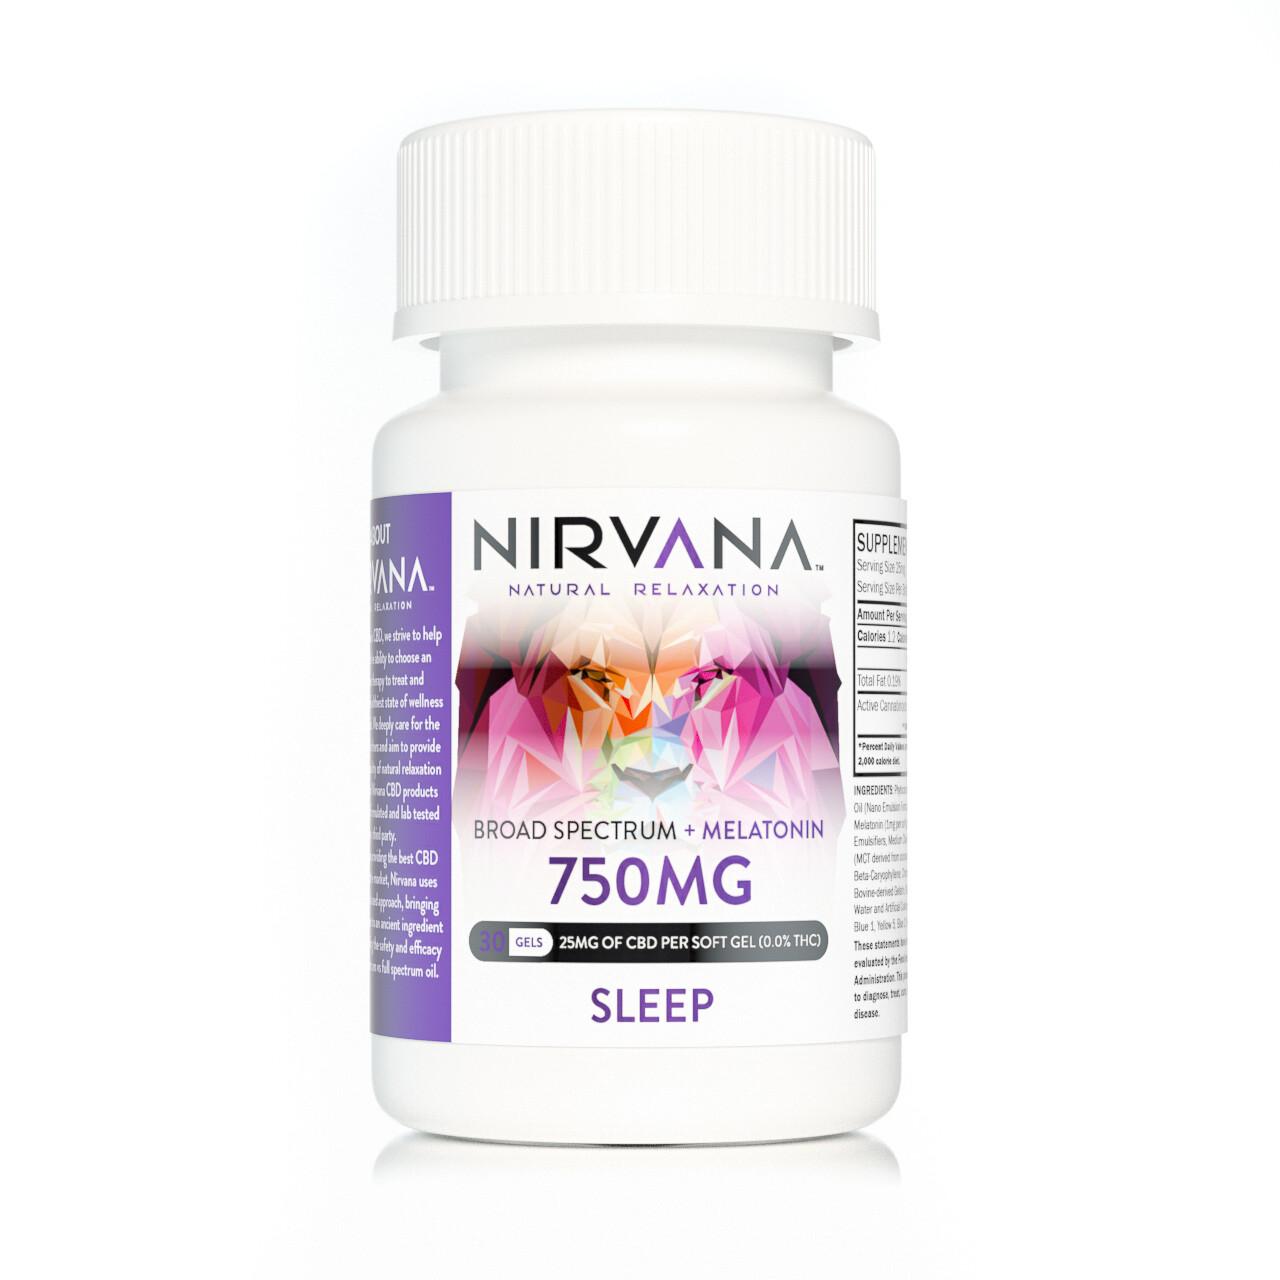 NIRVANA 750mg Broad Spectrum Sleep Gel Capsules - 30 CT (25mg per capsule w/ 1mg Melatonin)